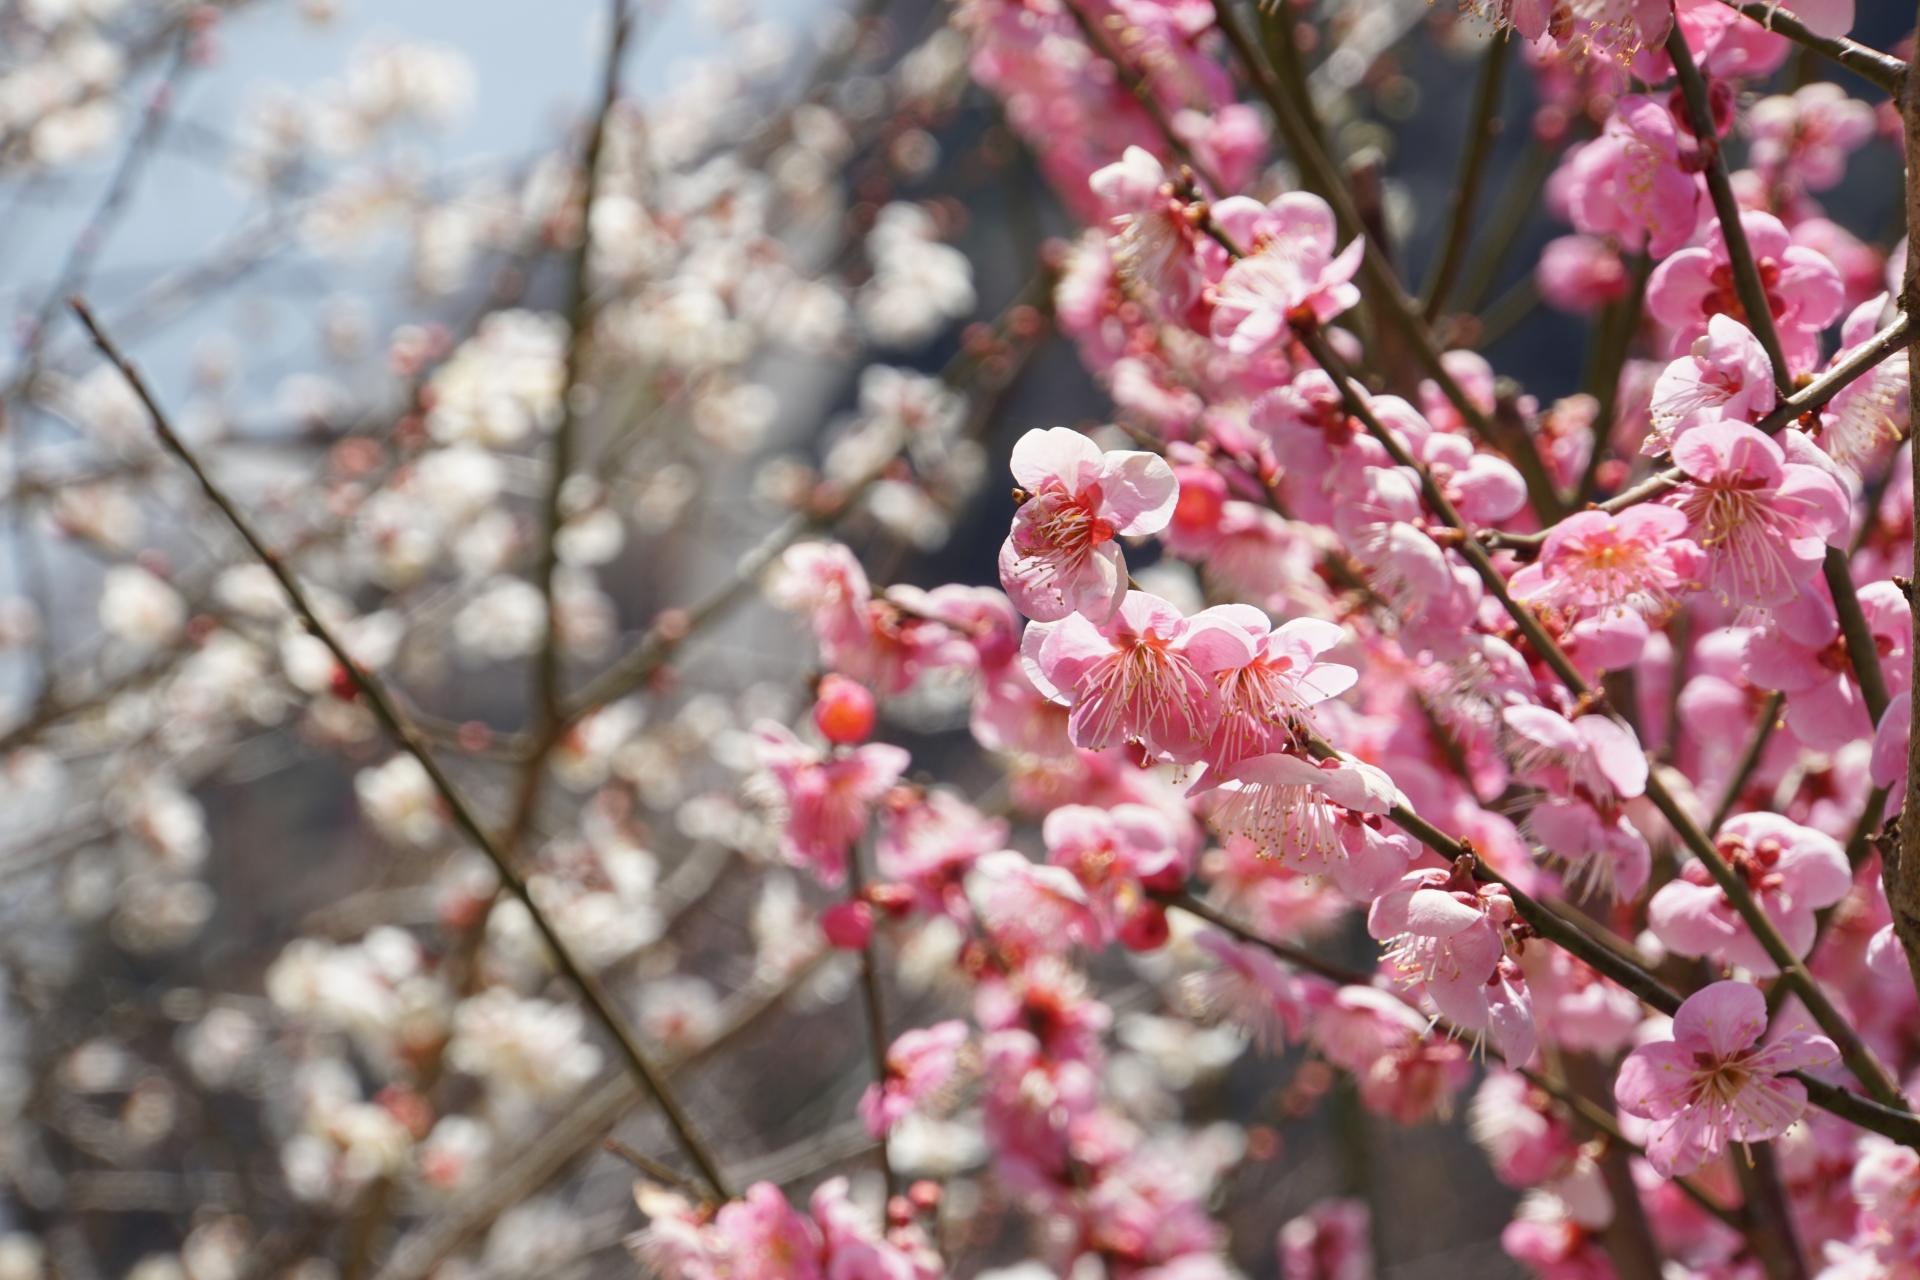 925394_m 奈良県  月ヶ瀬梅林(約1万本の梅が咲く春におすすめの絶景スポット!雲海も見所! 写真の紹介、アクセス情報や駐車場情報など)